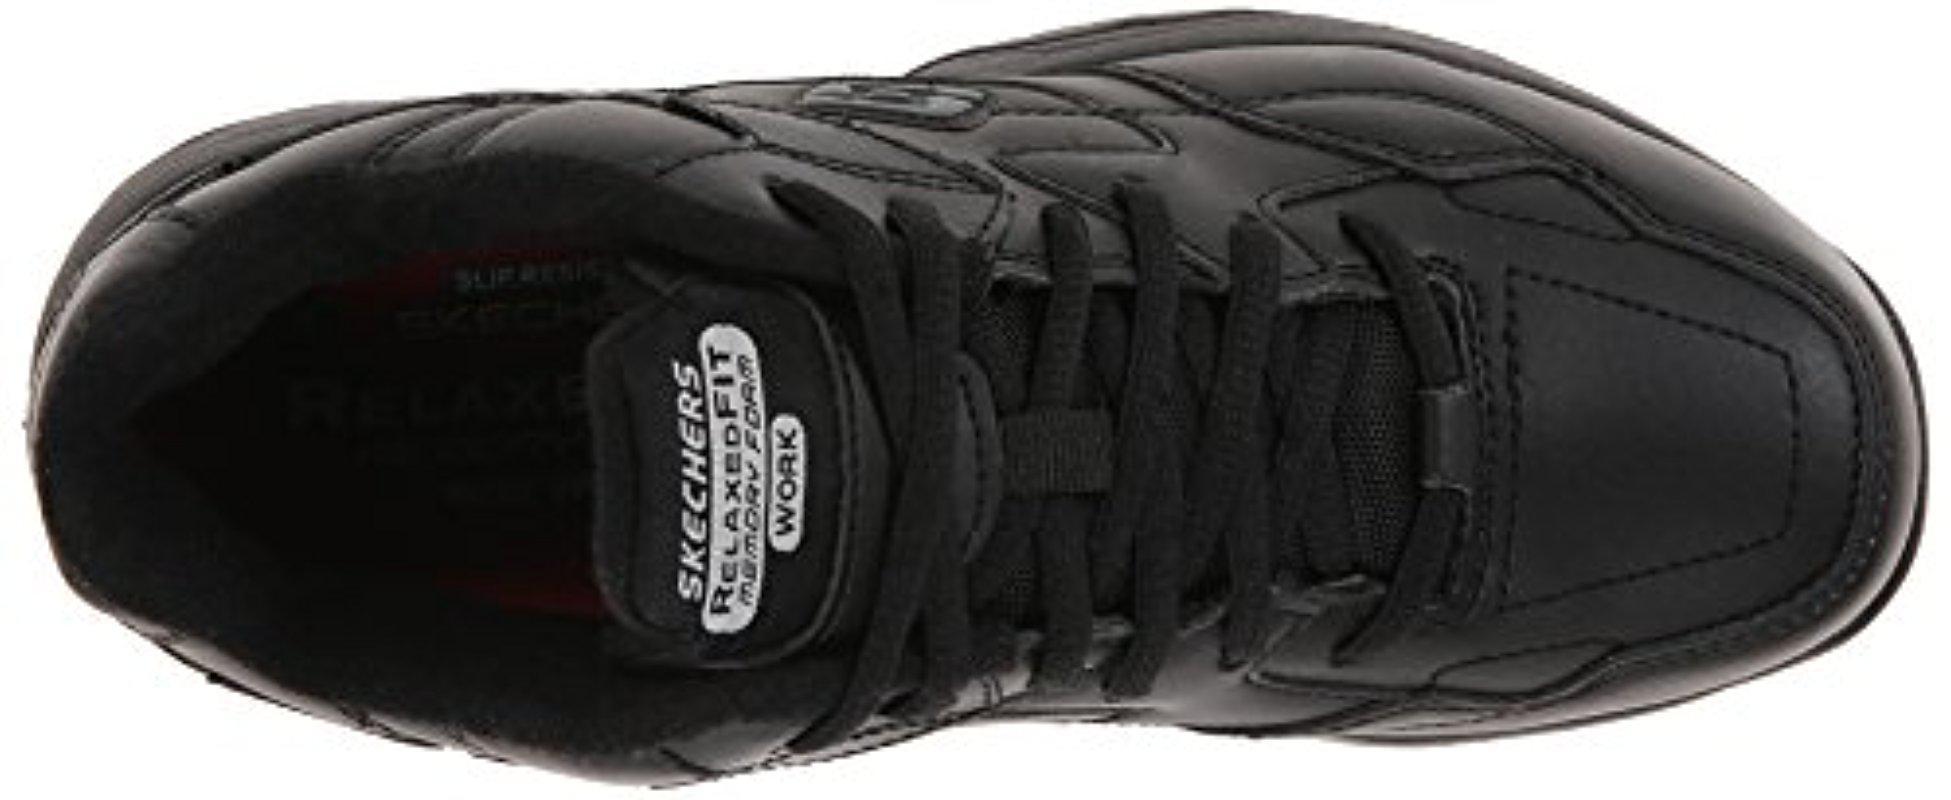 Lyst - Skechers For Work Albie Walking Shoe 2cd7013f3